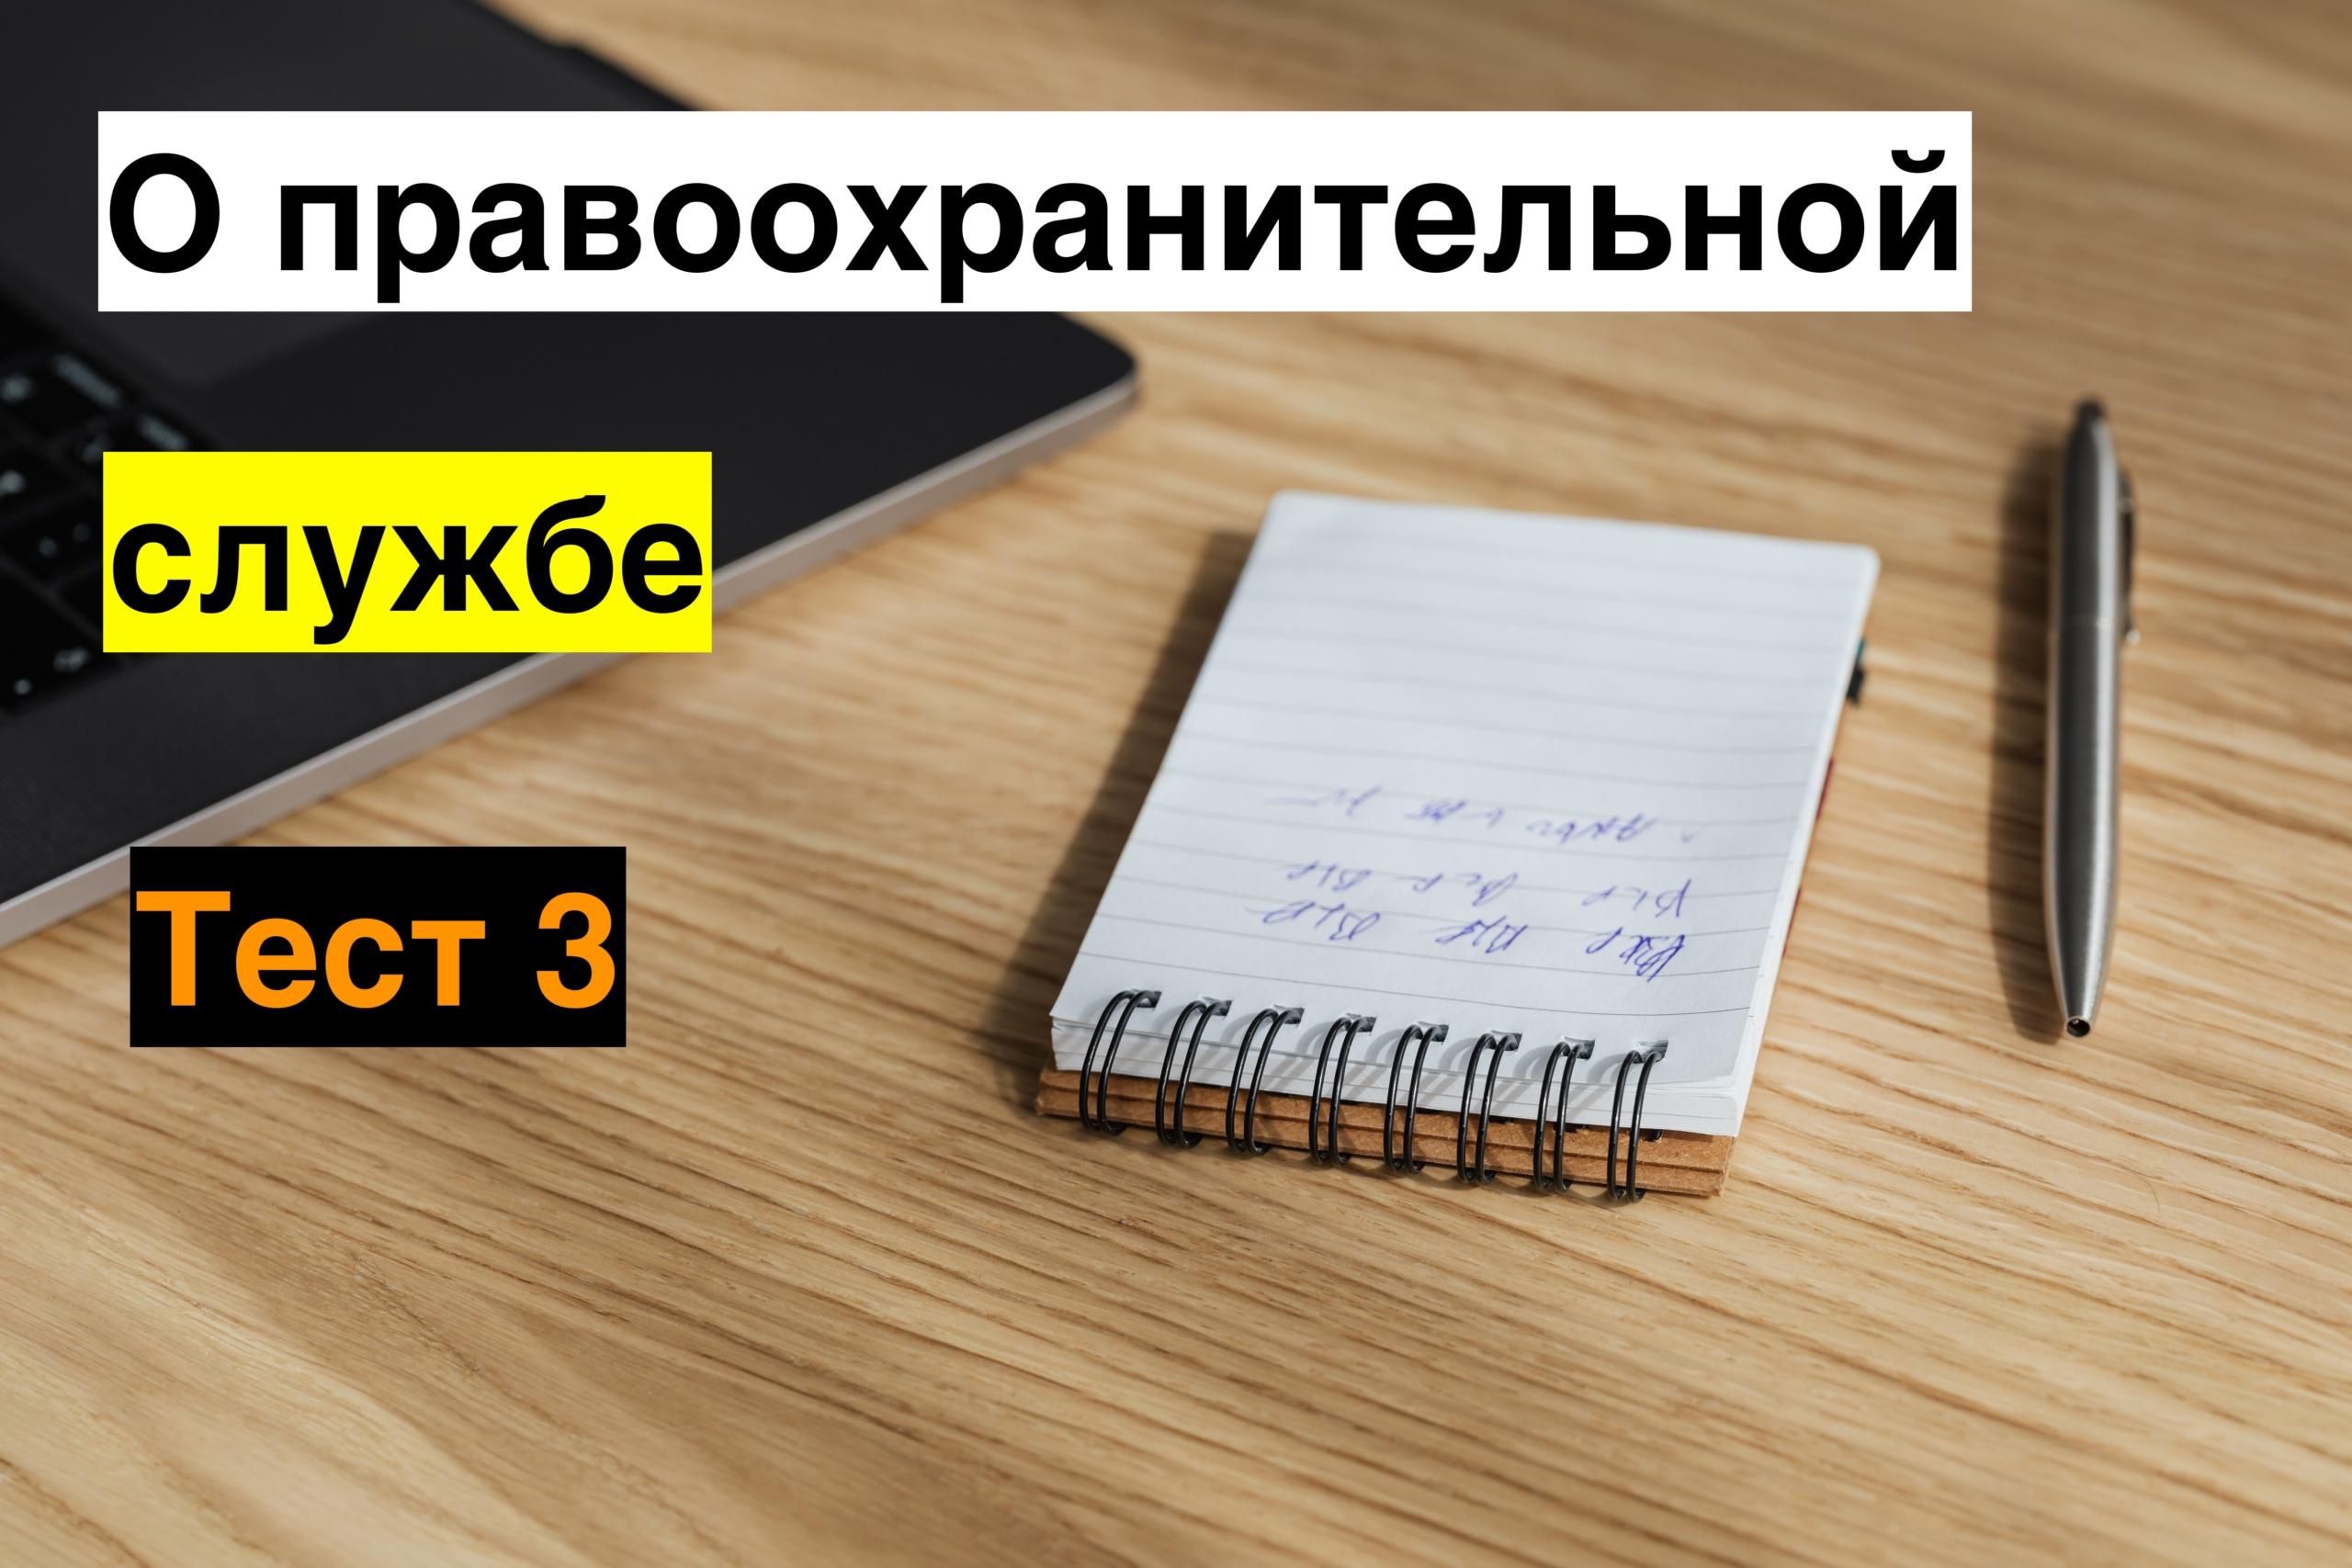 testy-na-gossluzhbu-o-pravooxranitelnoj-sluzhbe-test-3